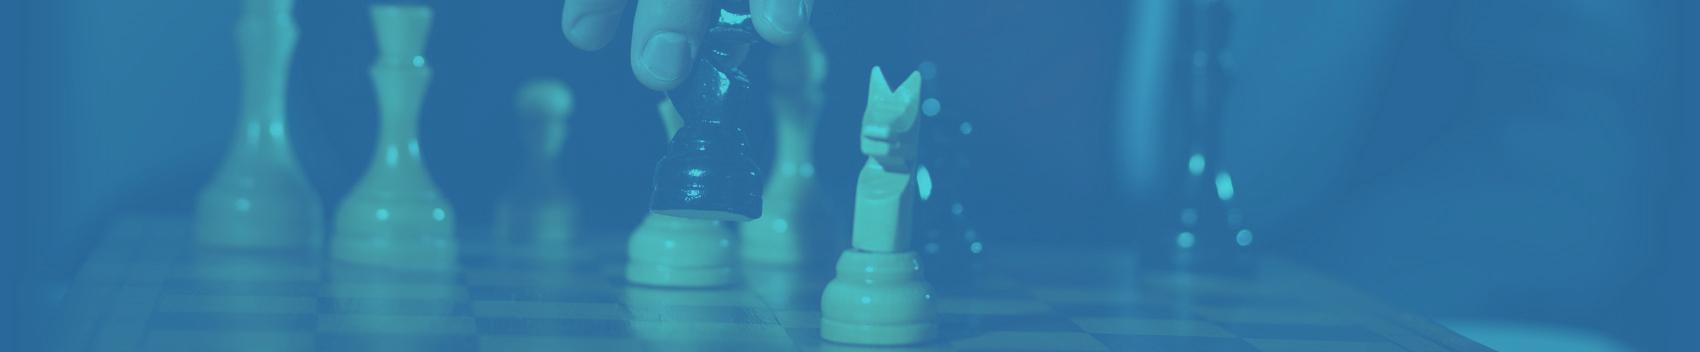 business process management success